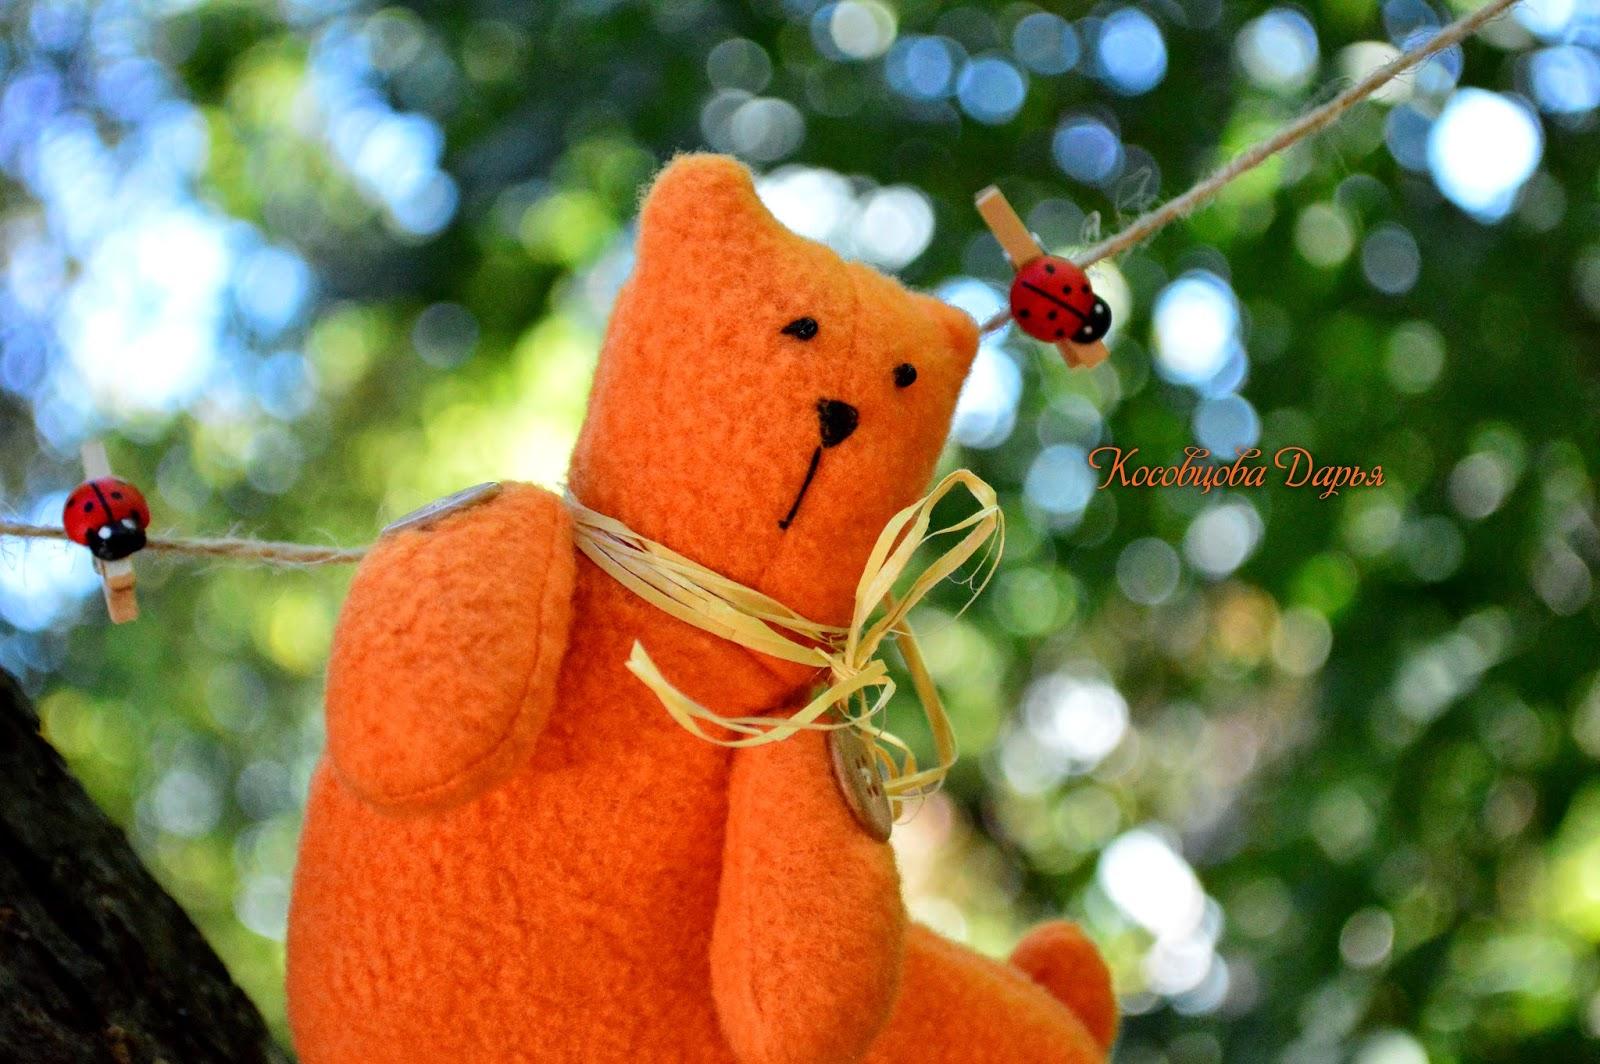 Рыжий кот ручной работы, котик, кот Tilda, оранжевый кот, ручная работа, игрушки Киев